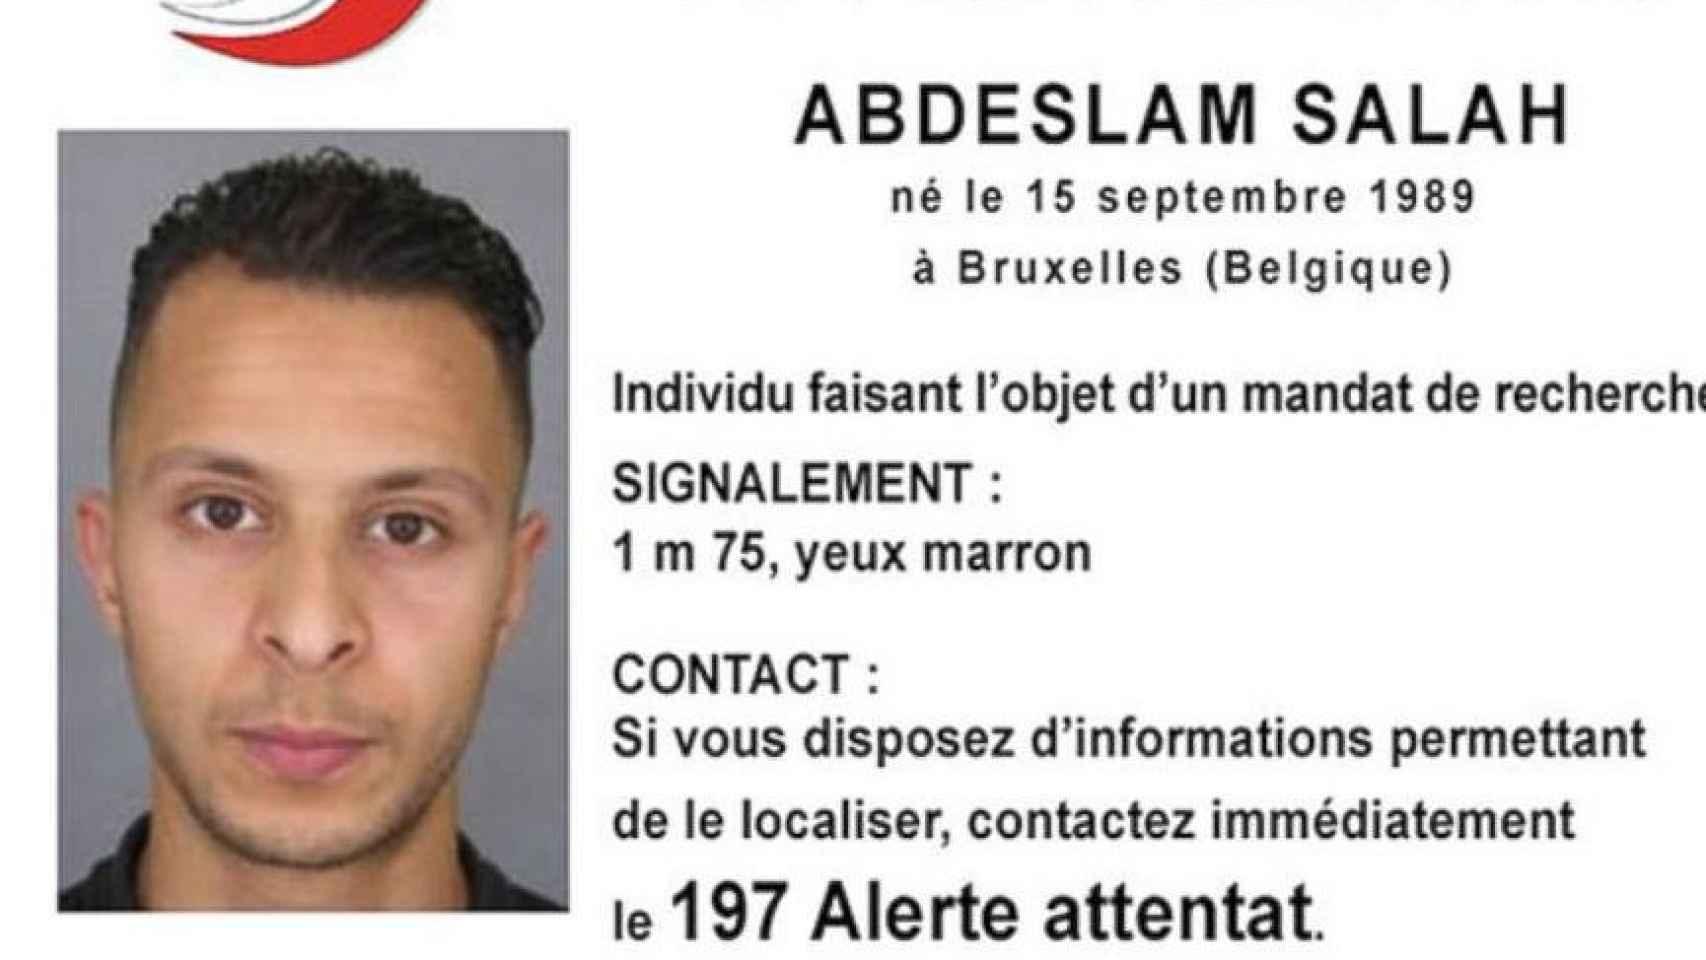 Imagen distribuida por la policía francesa